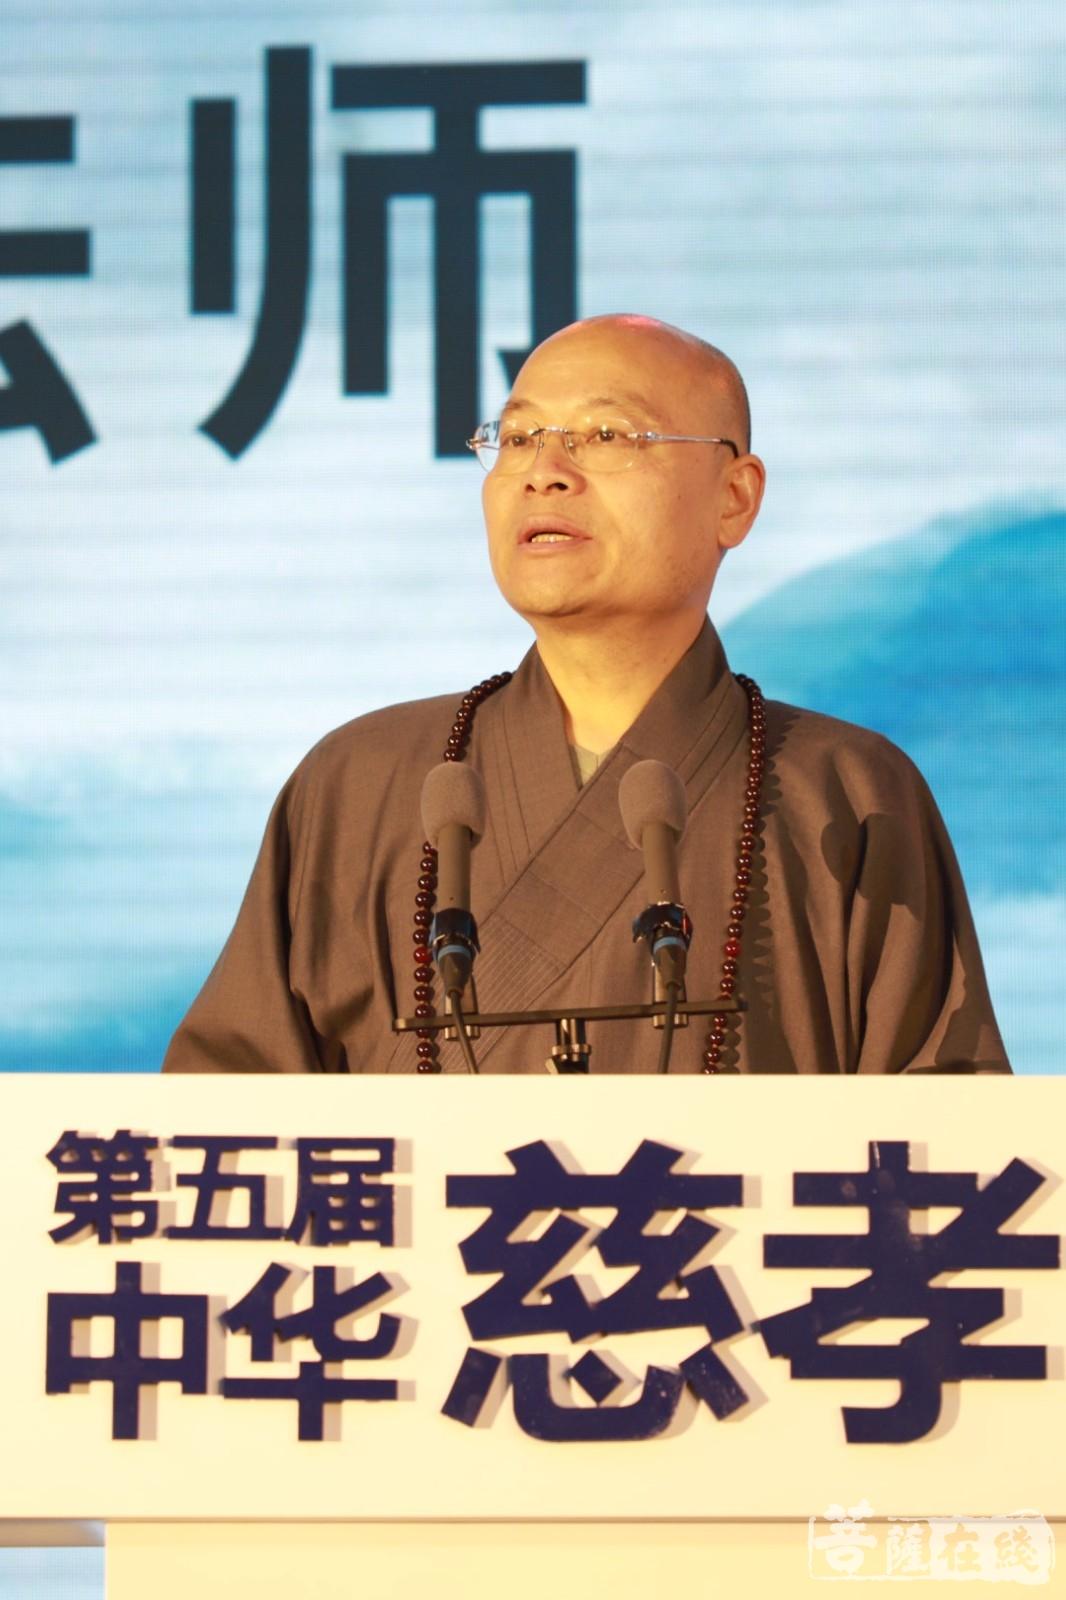 光泉法师:新的时代赋予我们新的使命(图片来源:菩萨在线 摄影:邓彬)